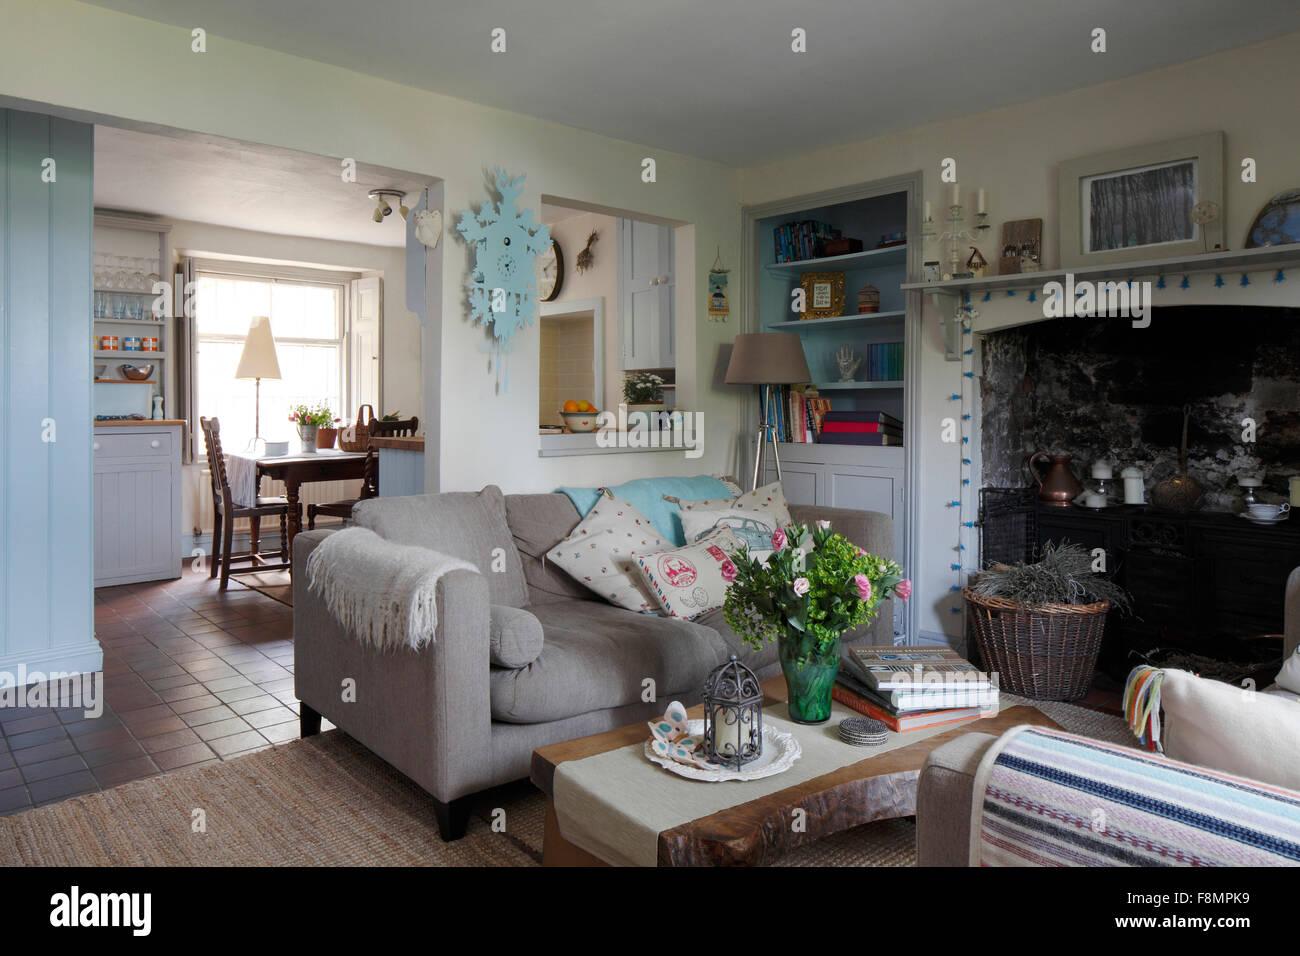 Küche Und Wohnzimmer | Offene Küche Mit Wohnzimmer Pro Contra Und 50 ...